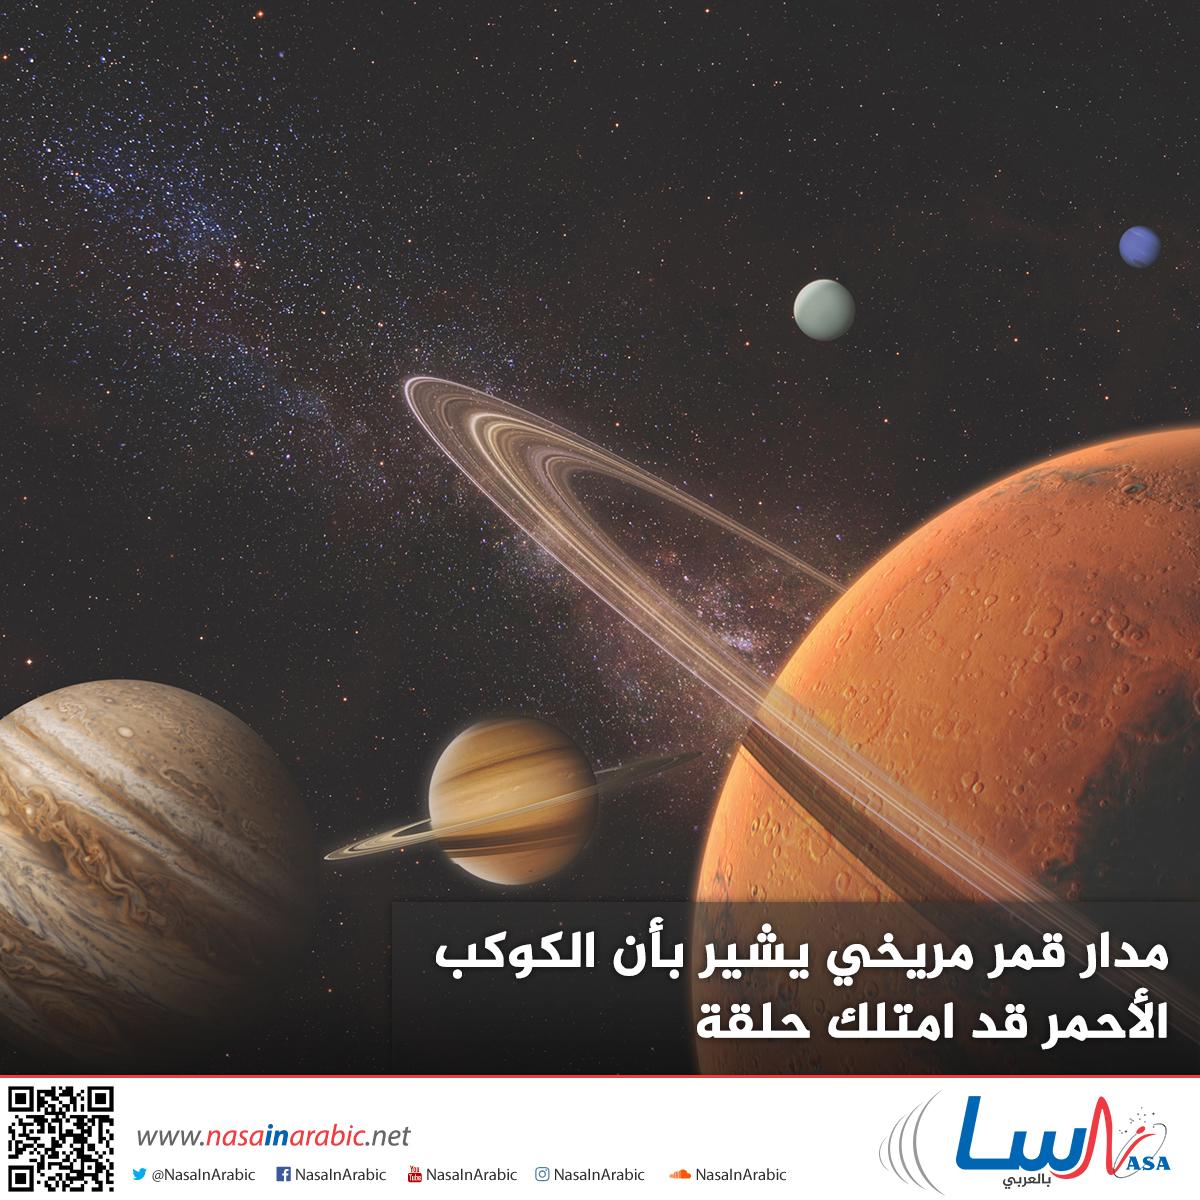 مدار قمر مريخي يشير بأن الكوكب الأحمر قد امتلك حلقة